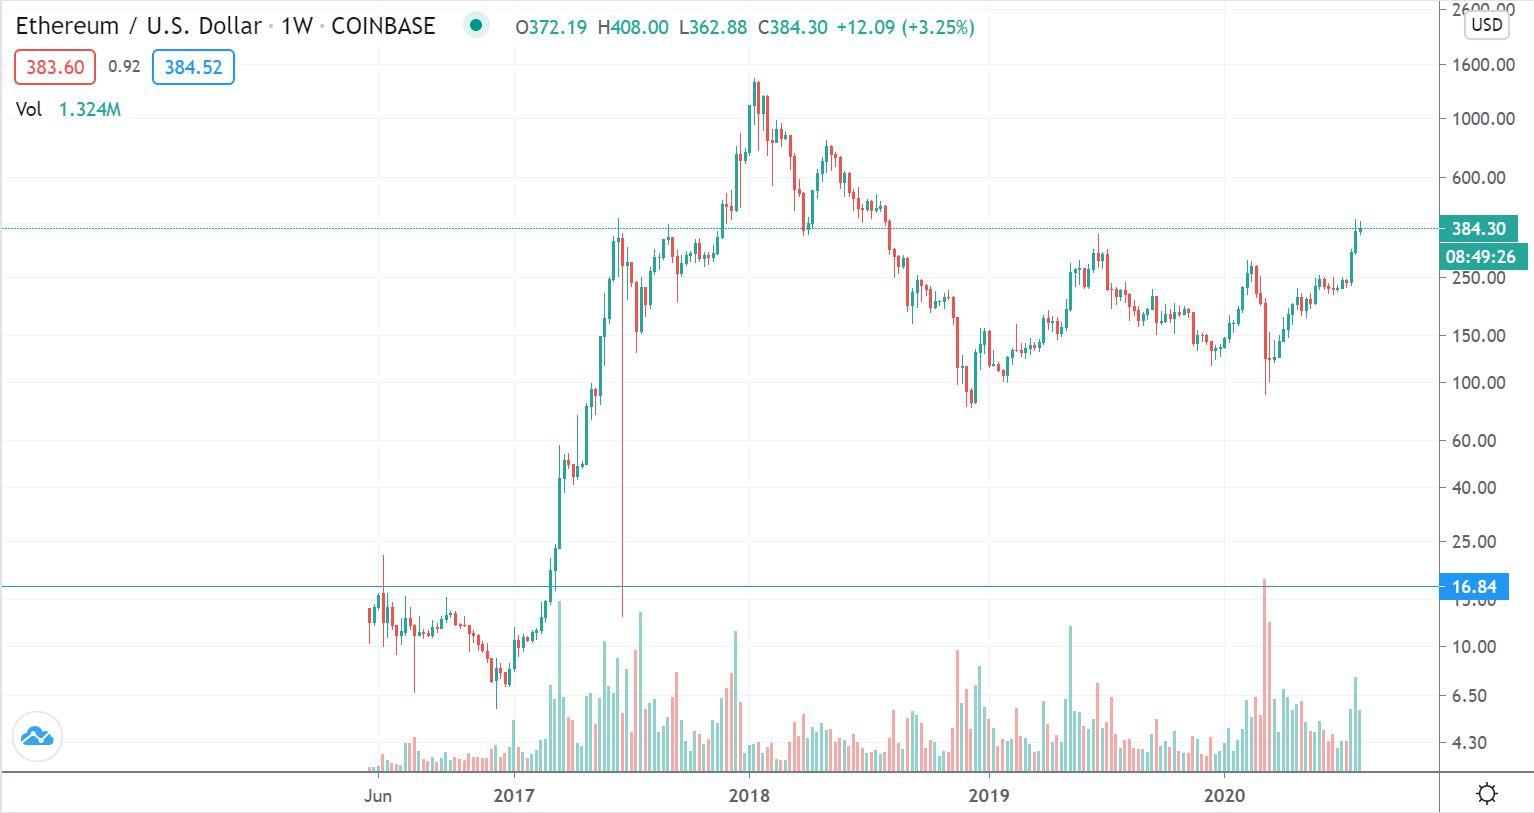 イーサリアム(ETC)長期価格チャート